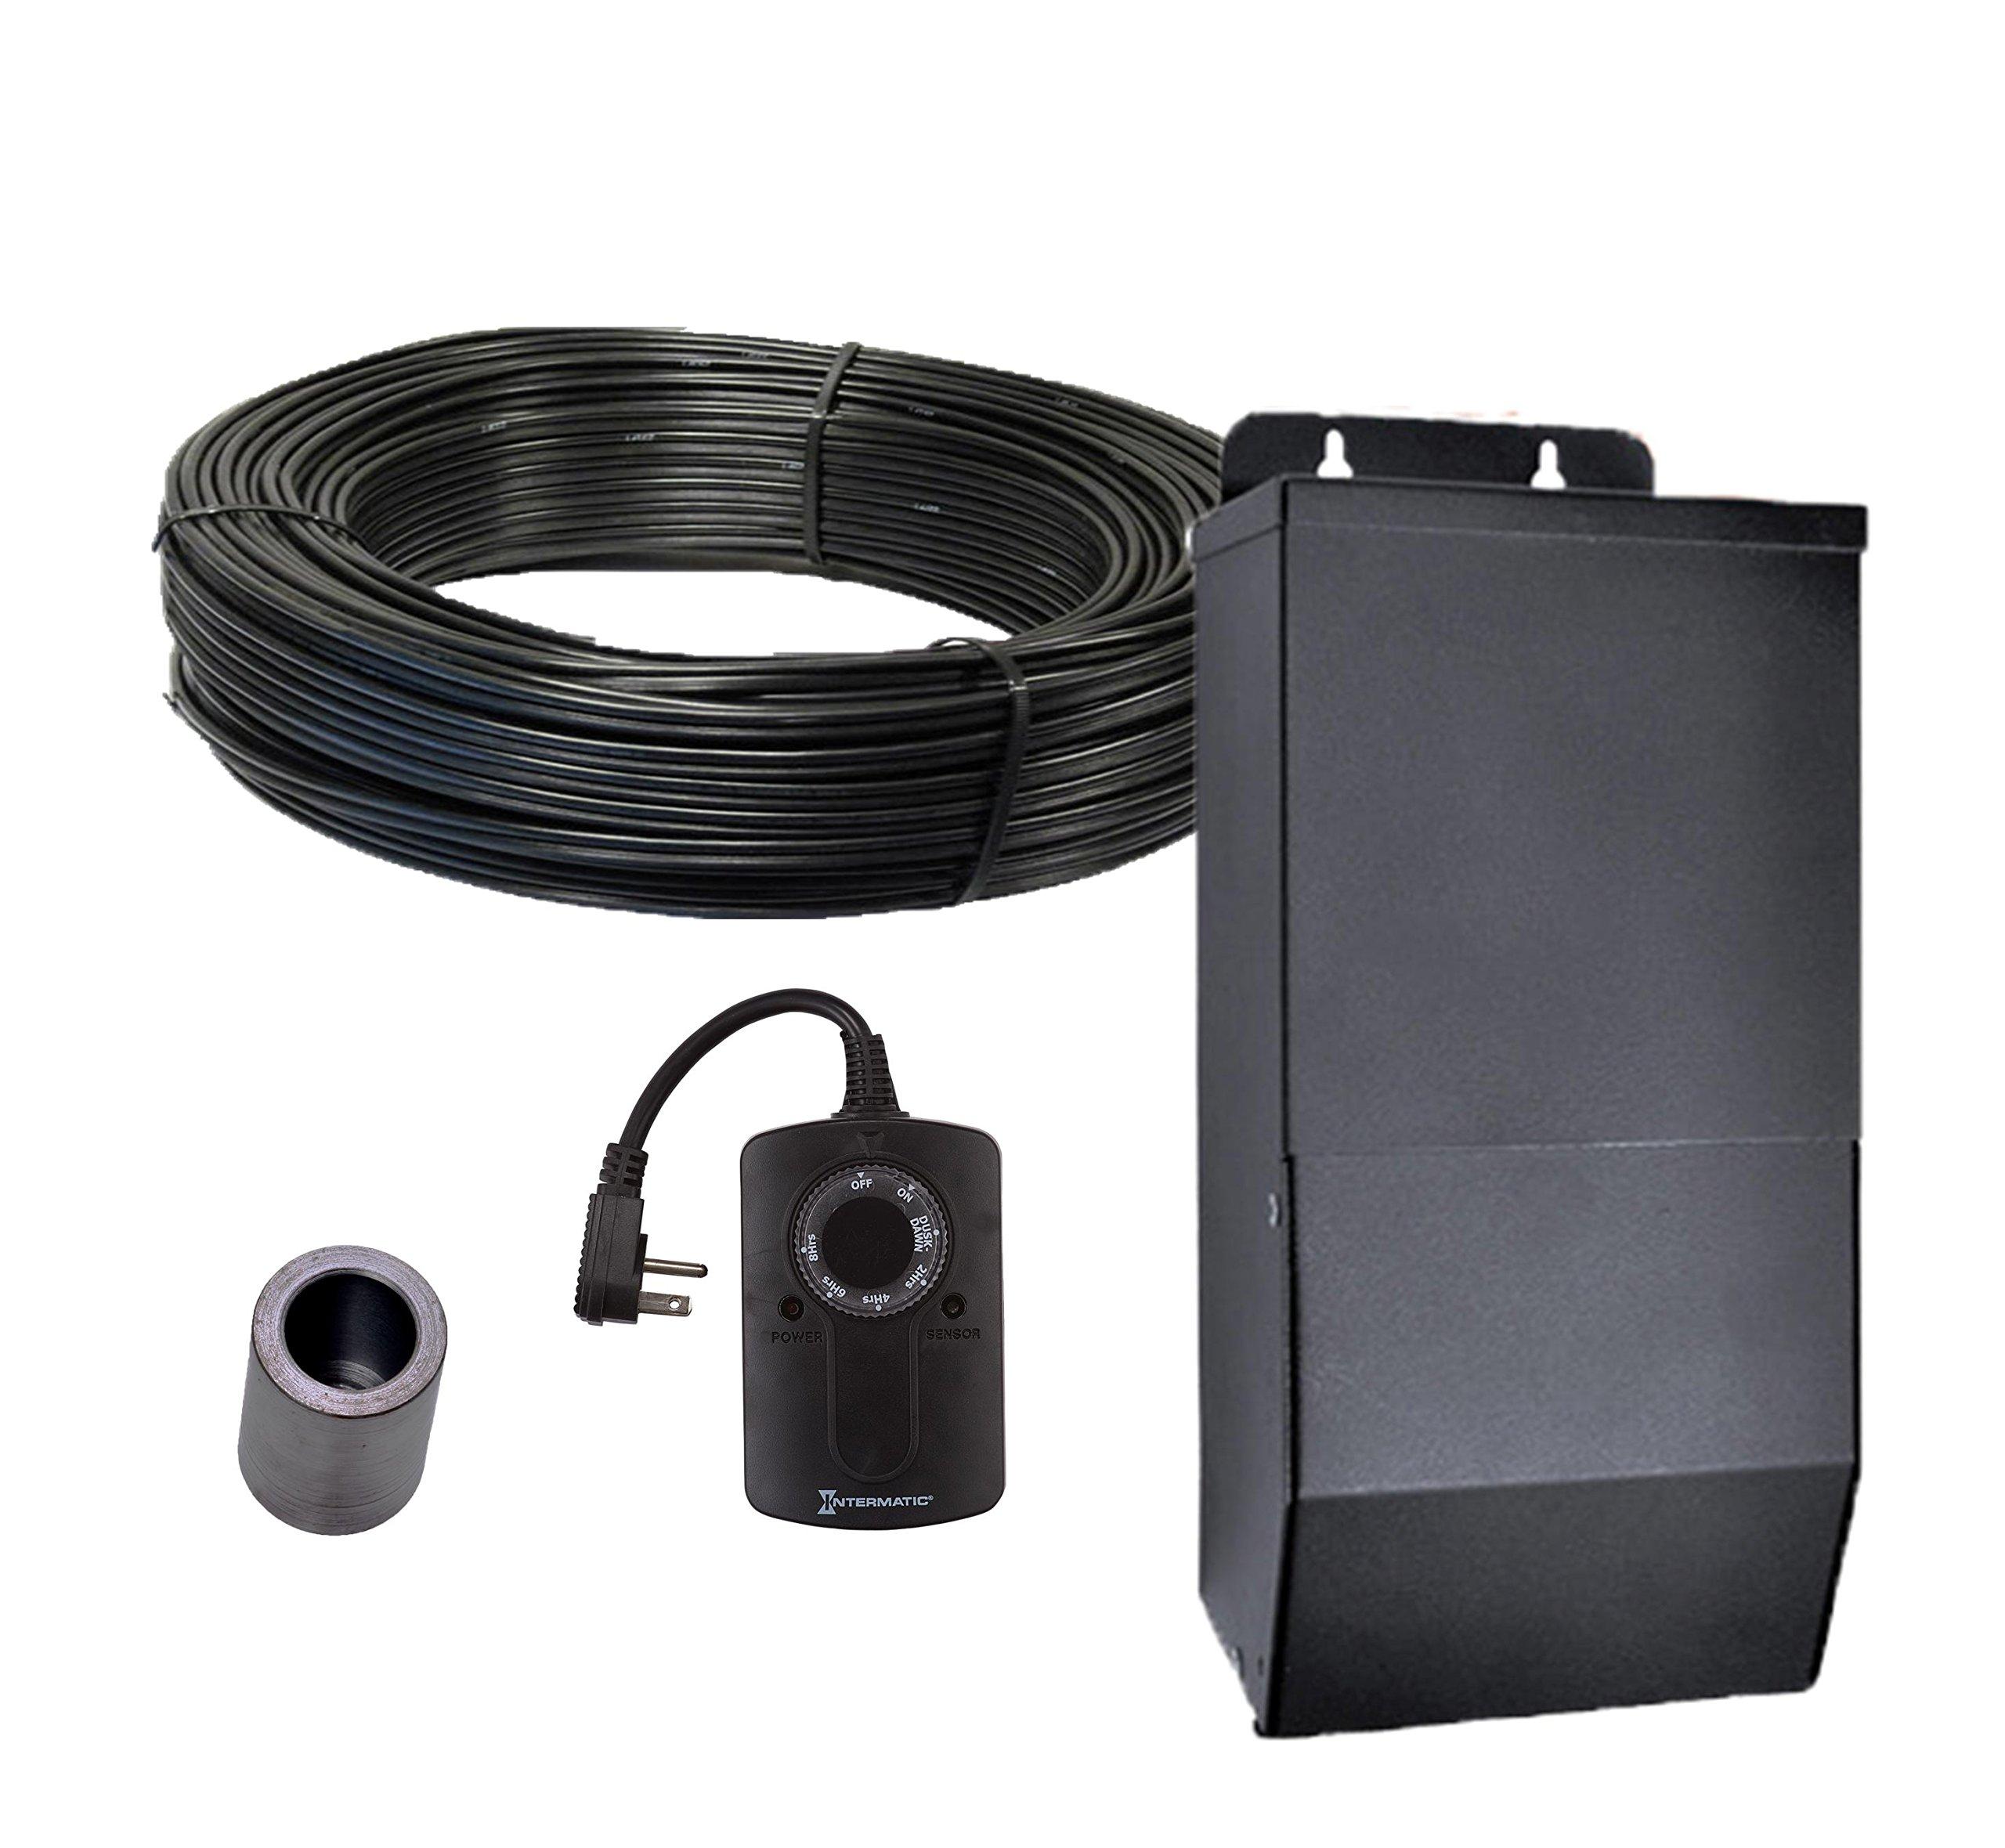 CS100TK Professional Series 100 watt Power & Accessory Kit